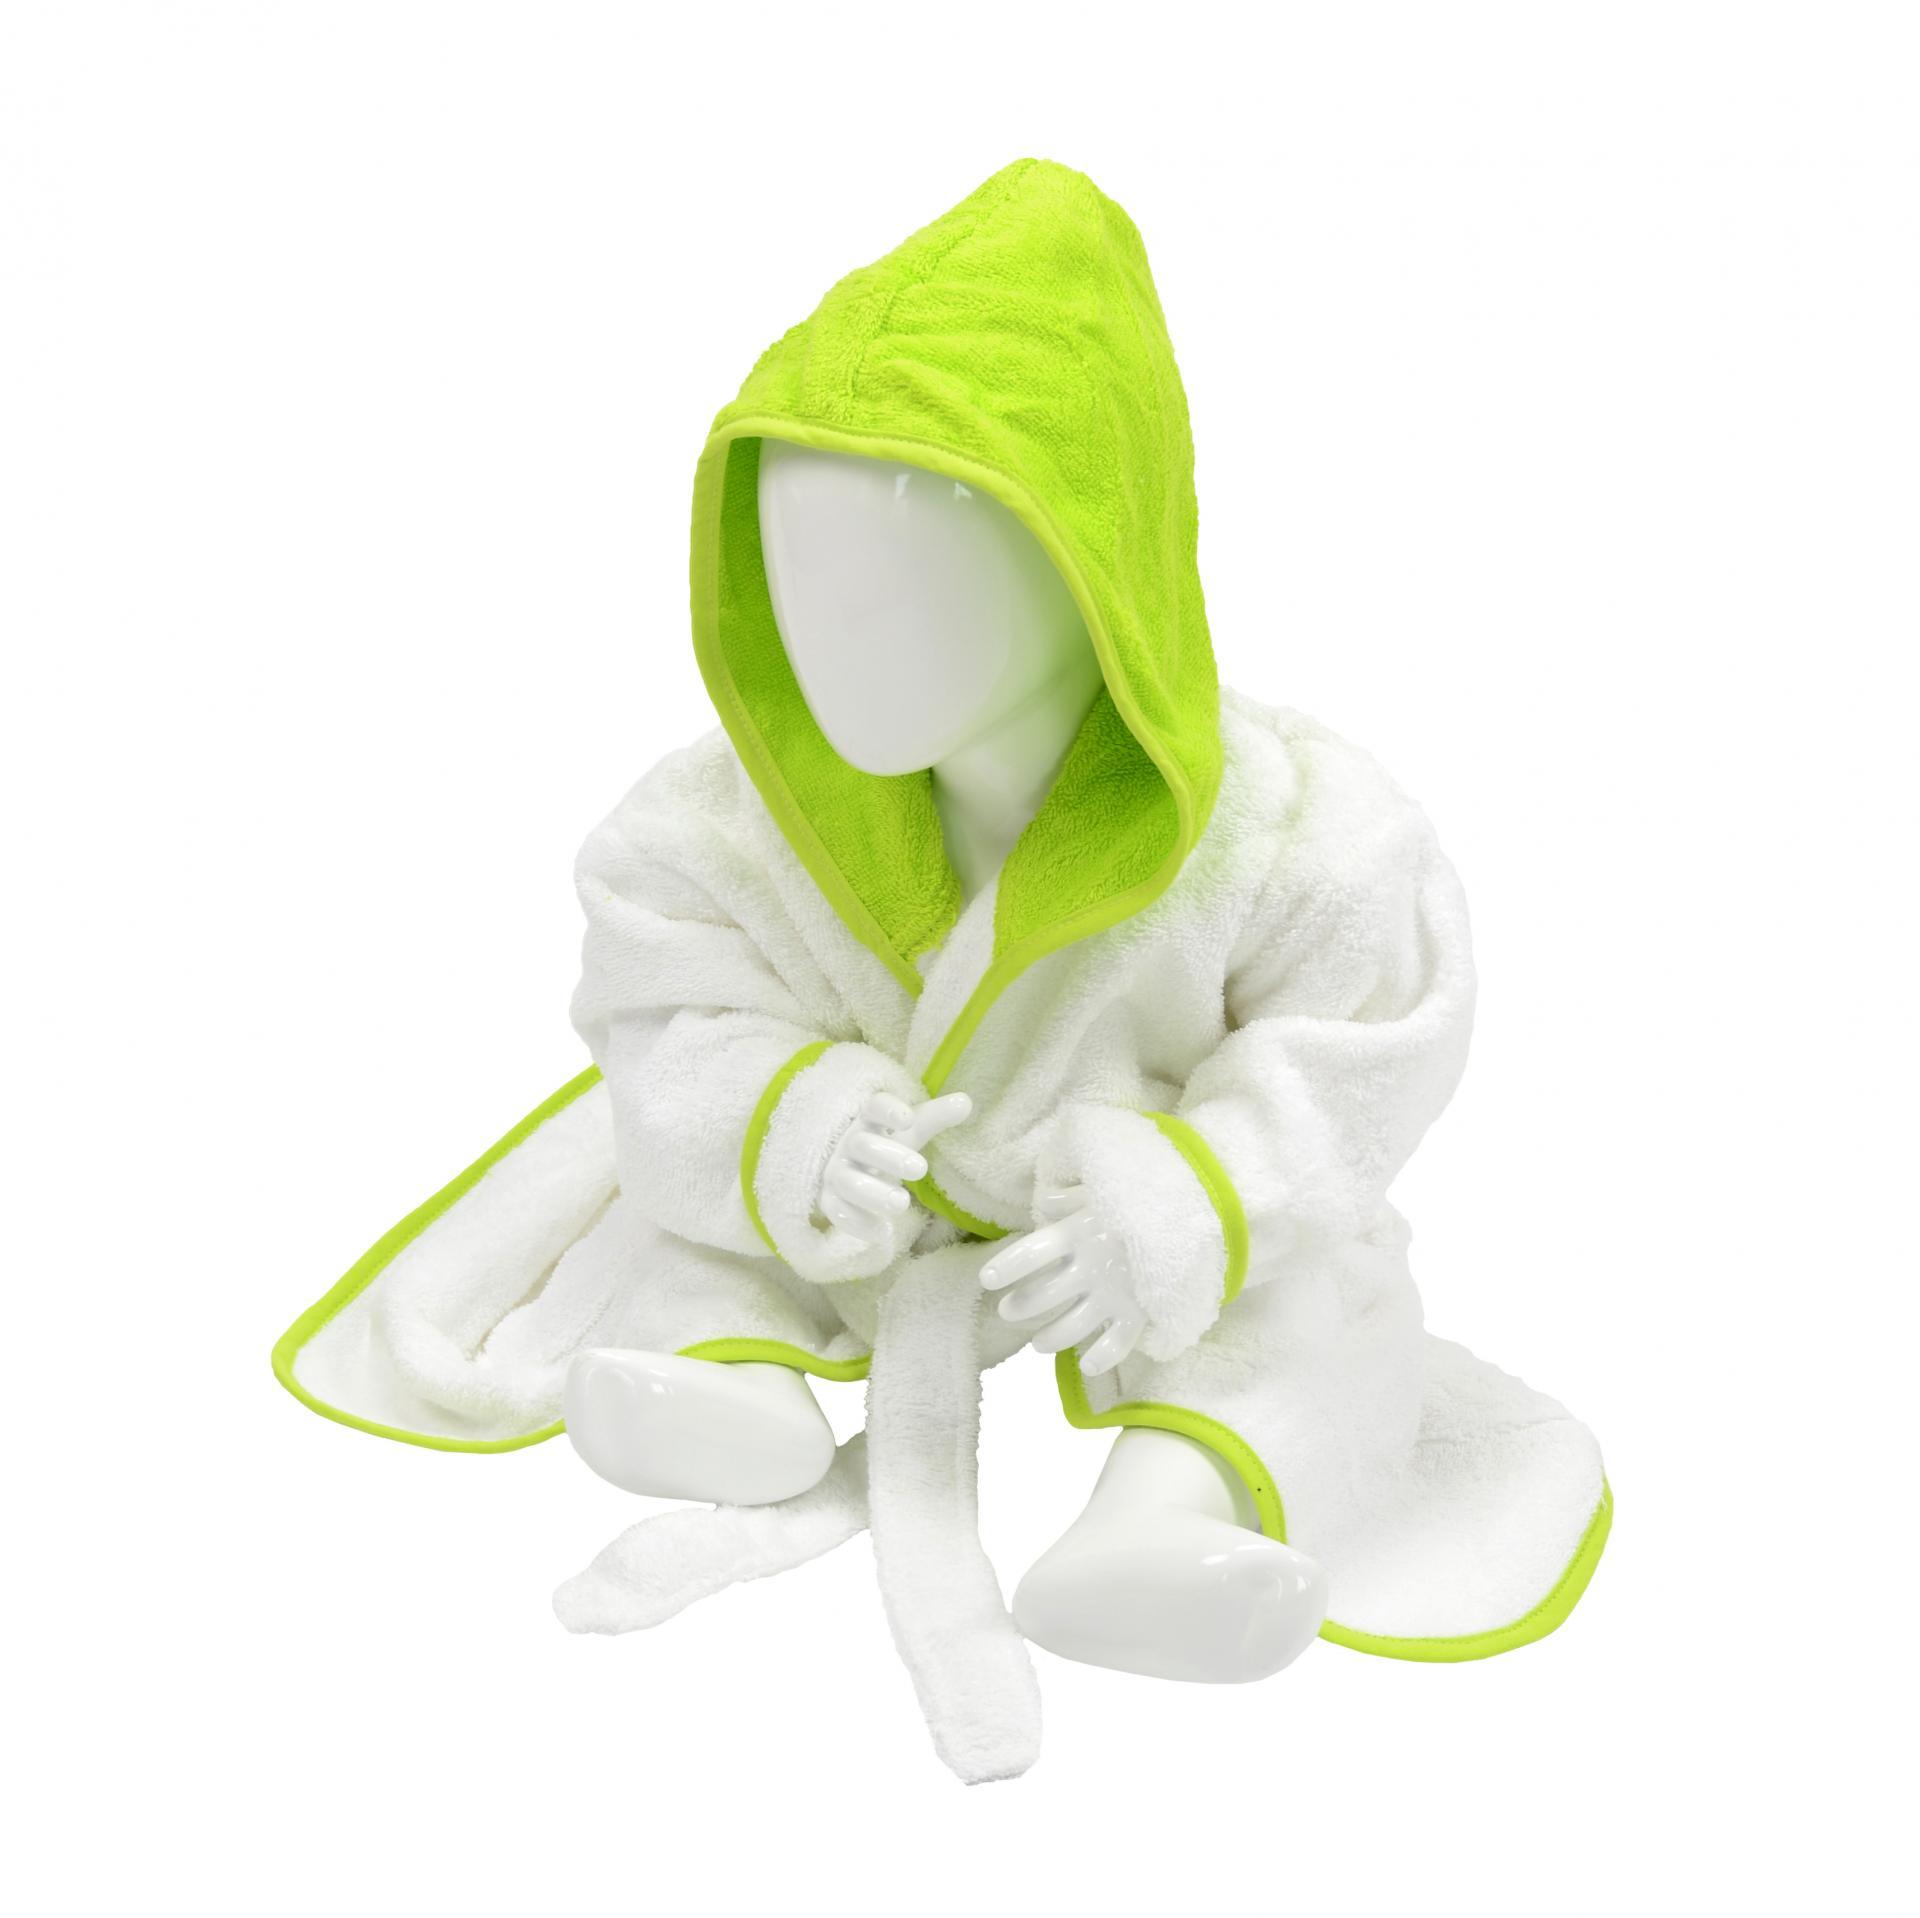 Ar022 whitelimegreen ft